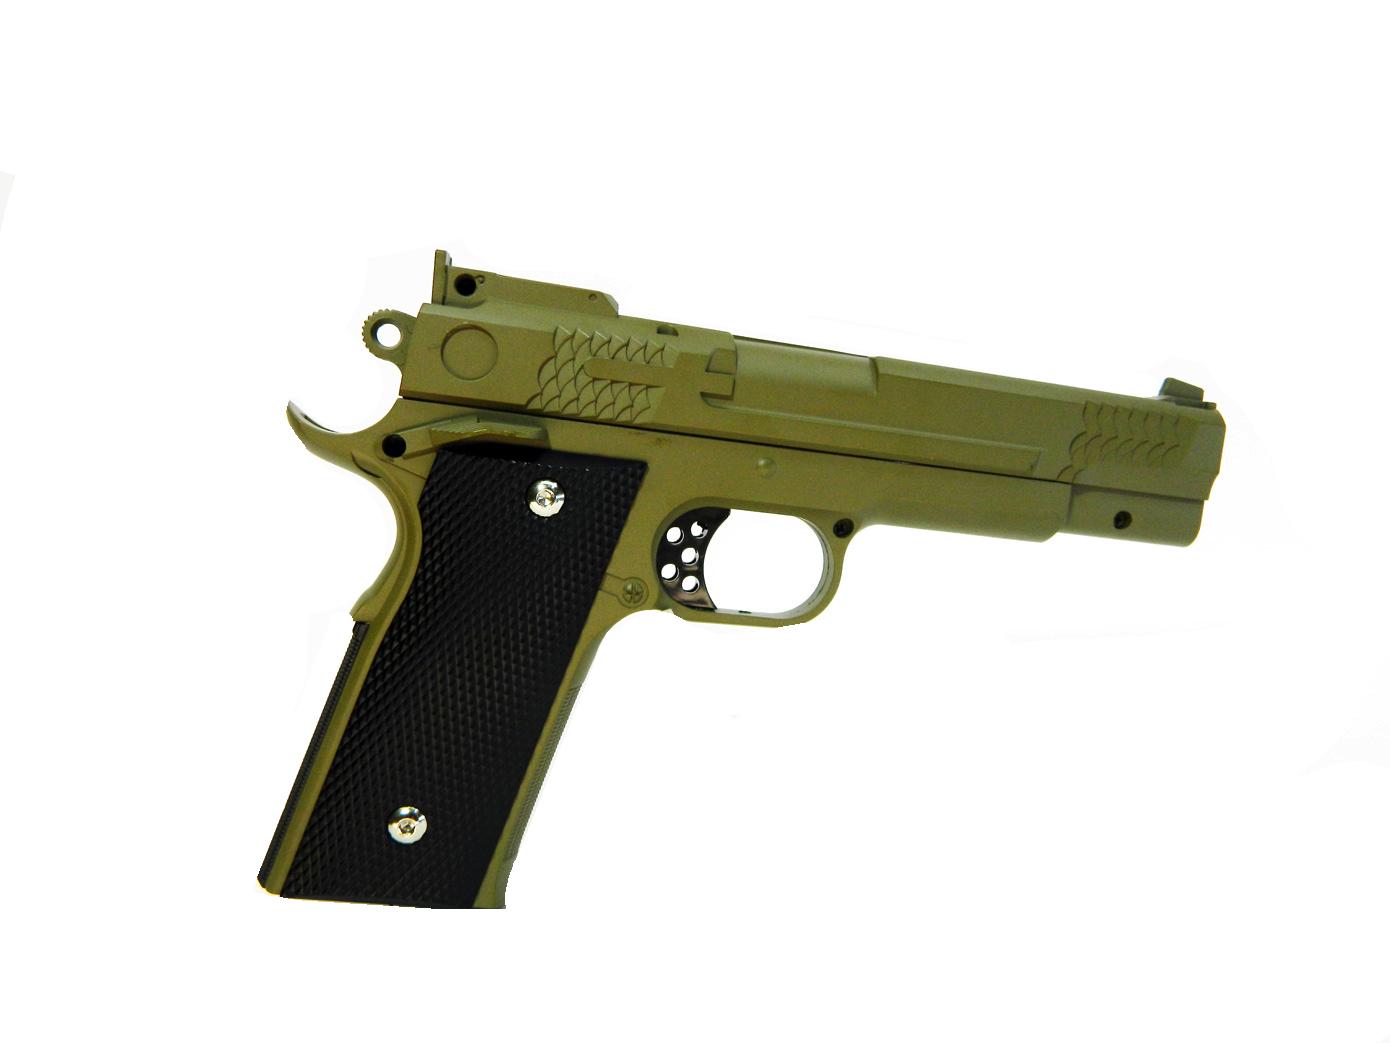 Макет пистолета Smith Wesson 945 в натуральную величину